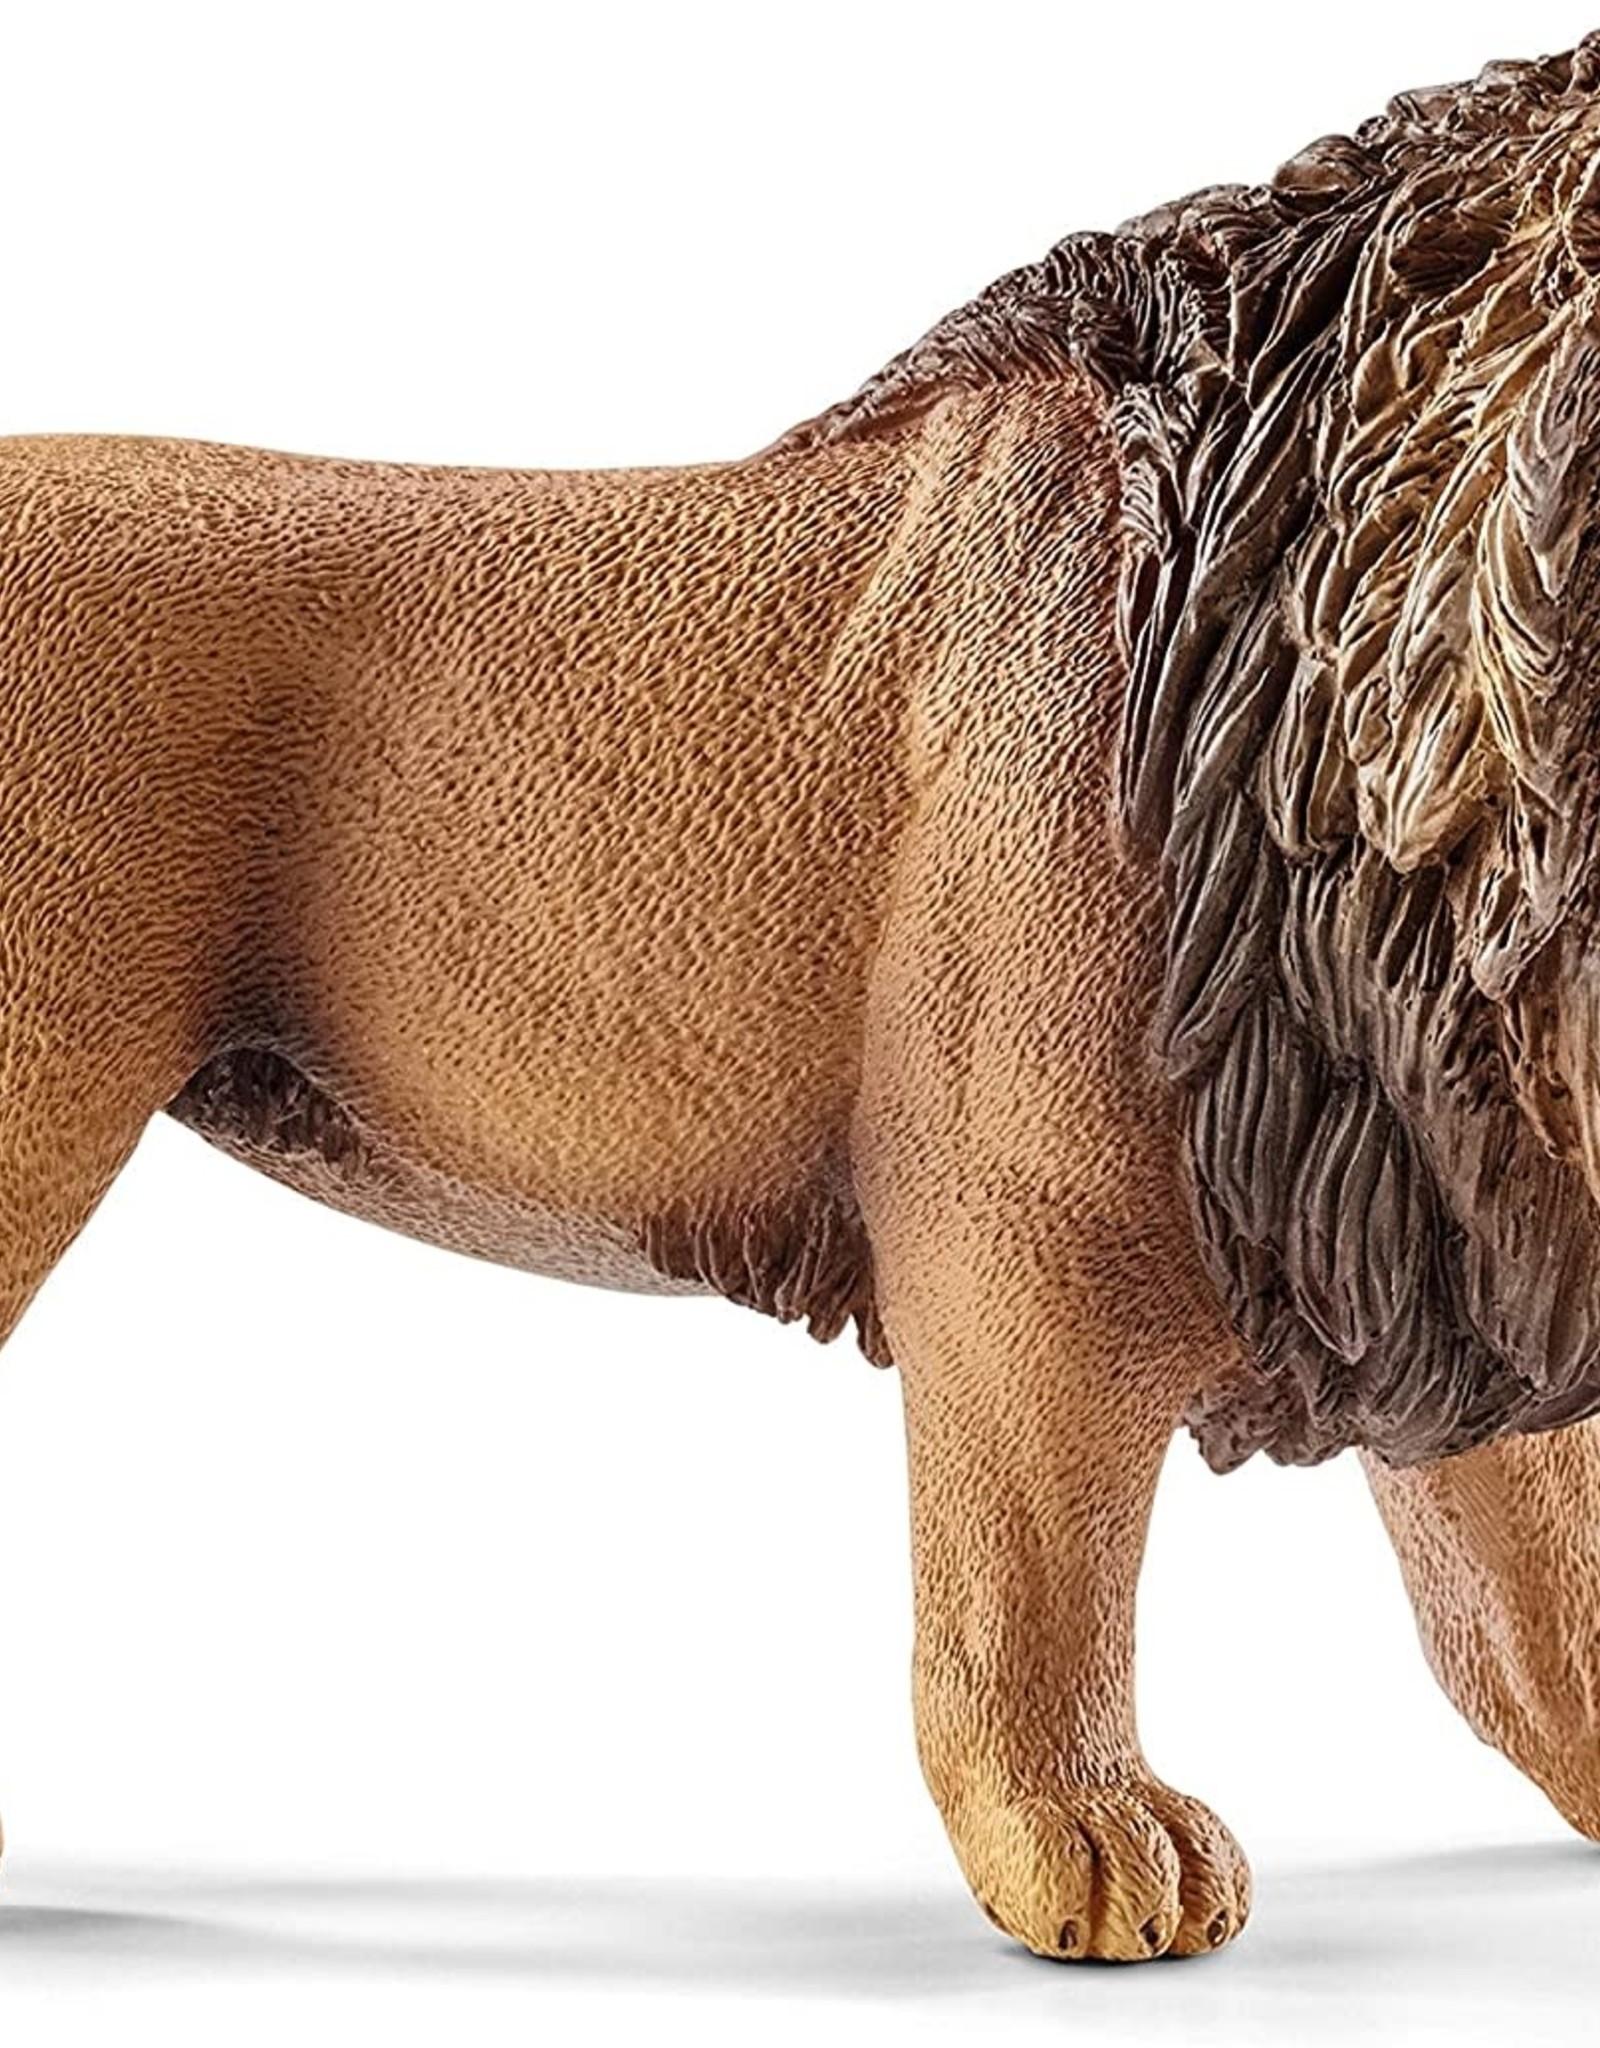 Schleich Schleich Lion Roaring